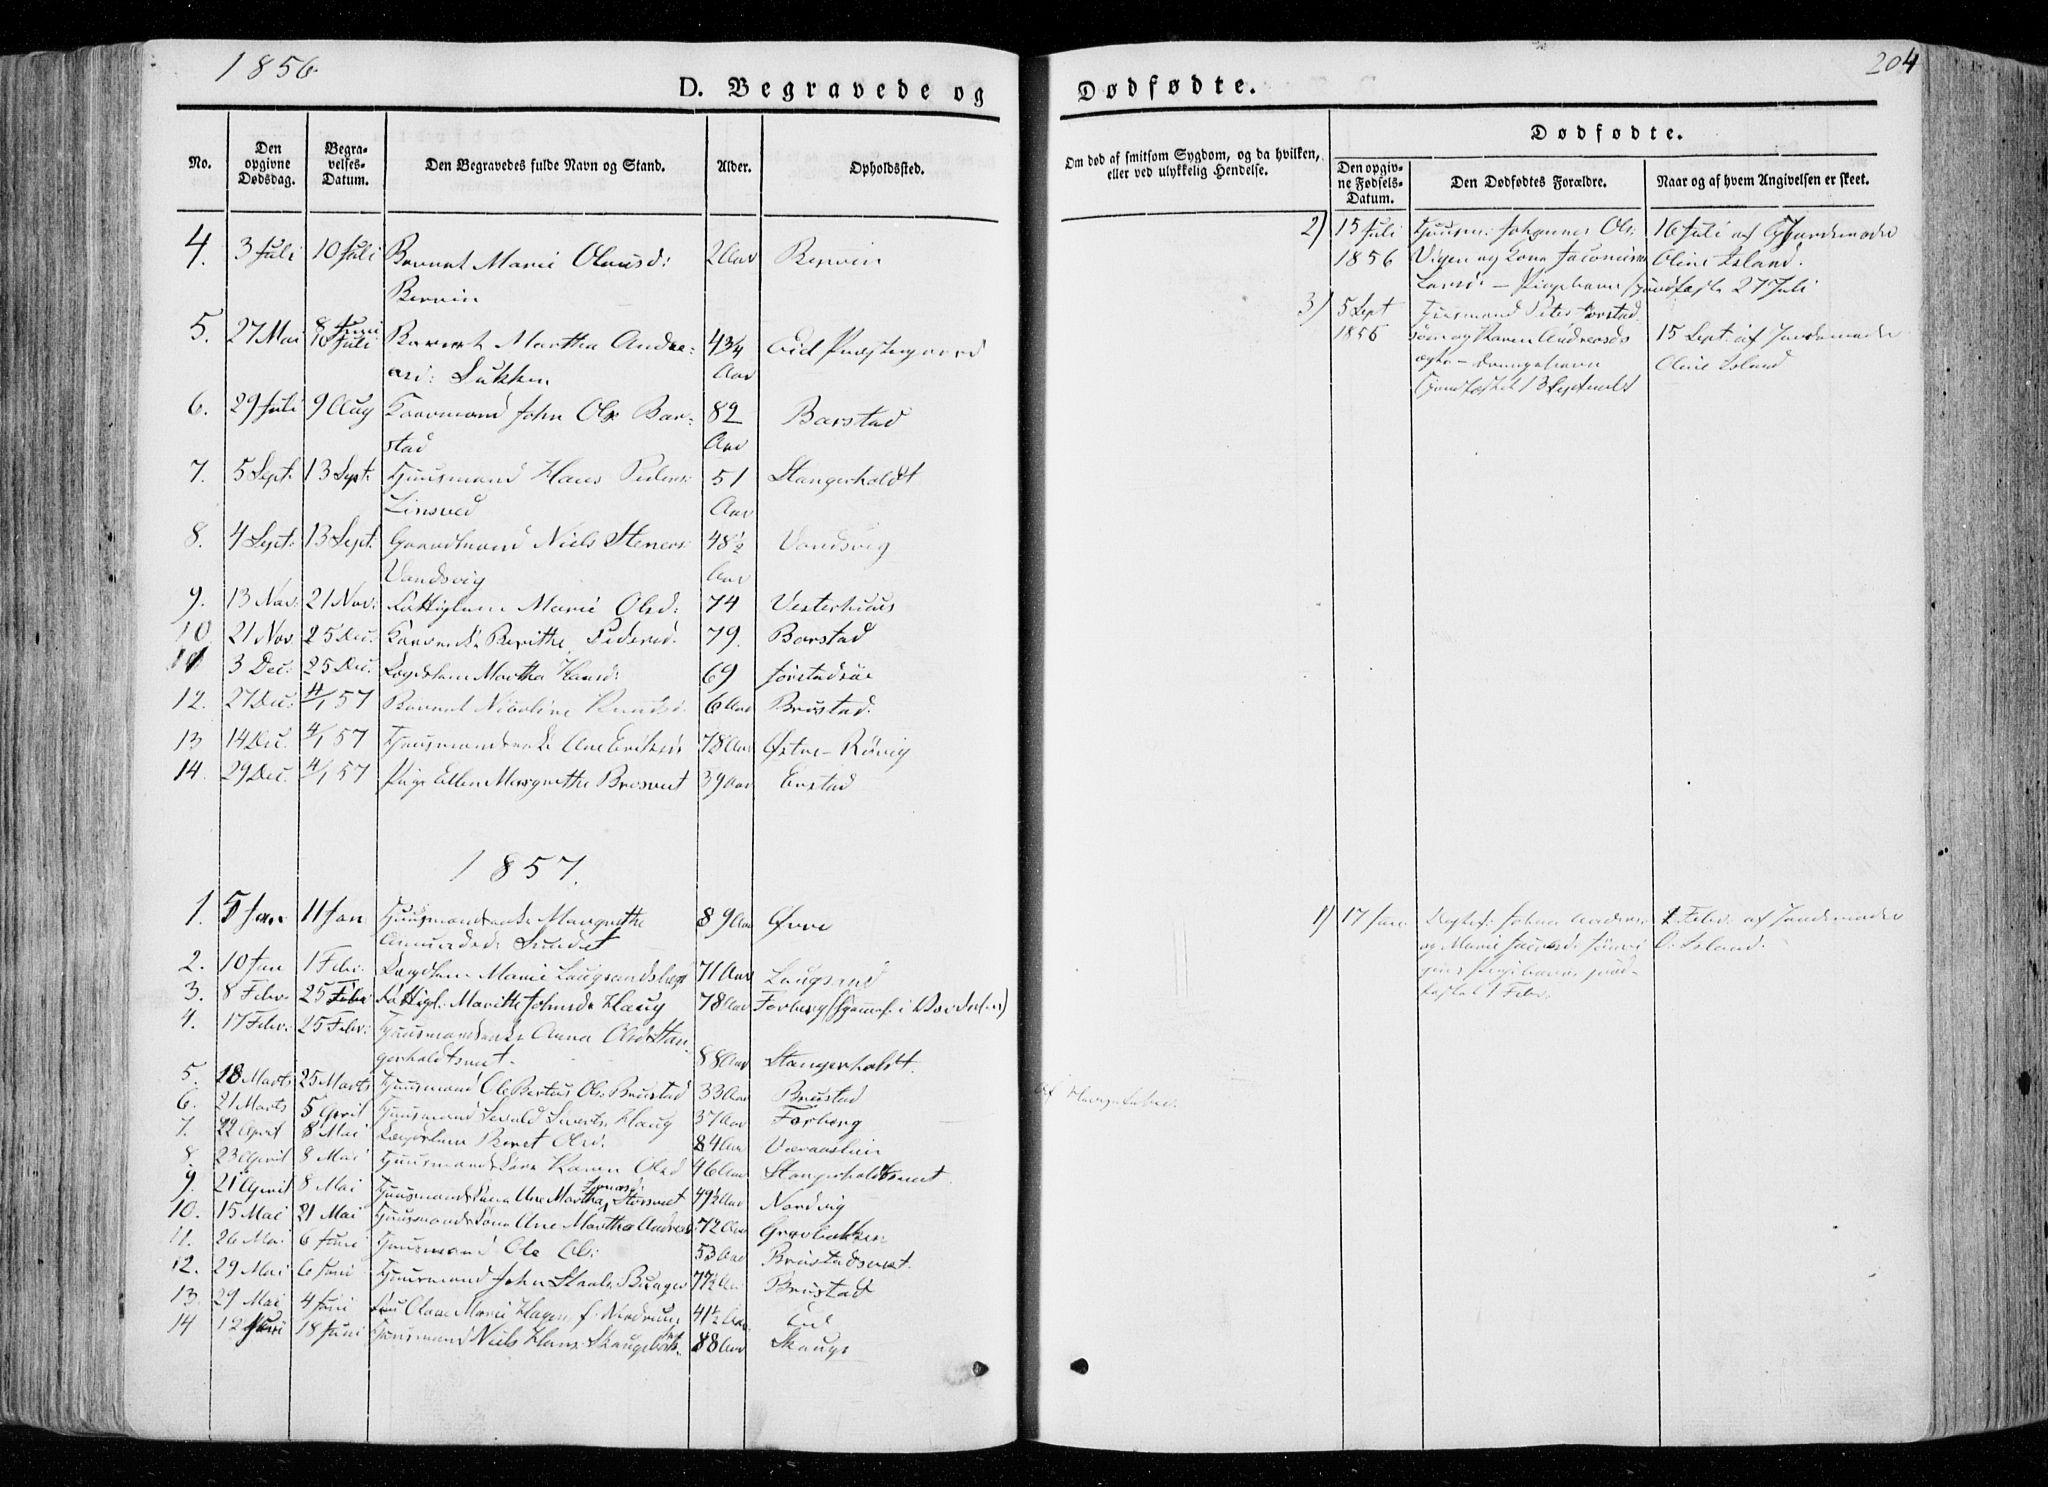 SAT, Ministerialprotokoller, klokkerbøker og fødselsregistre - Nord-Trøndelag, 722/L0218: Ministerialbok nr. 722A05, 1843-1868, s. 204